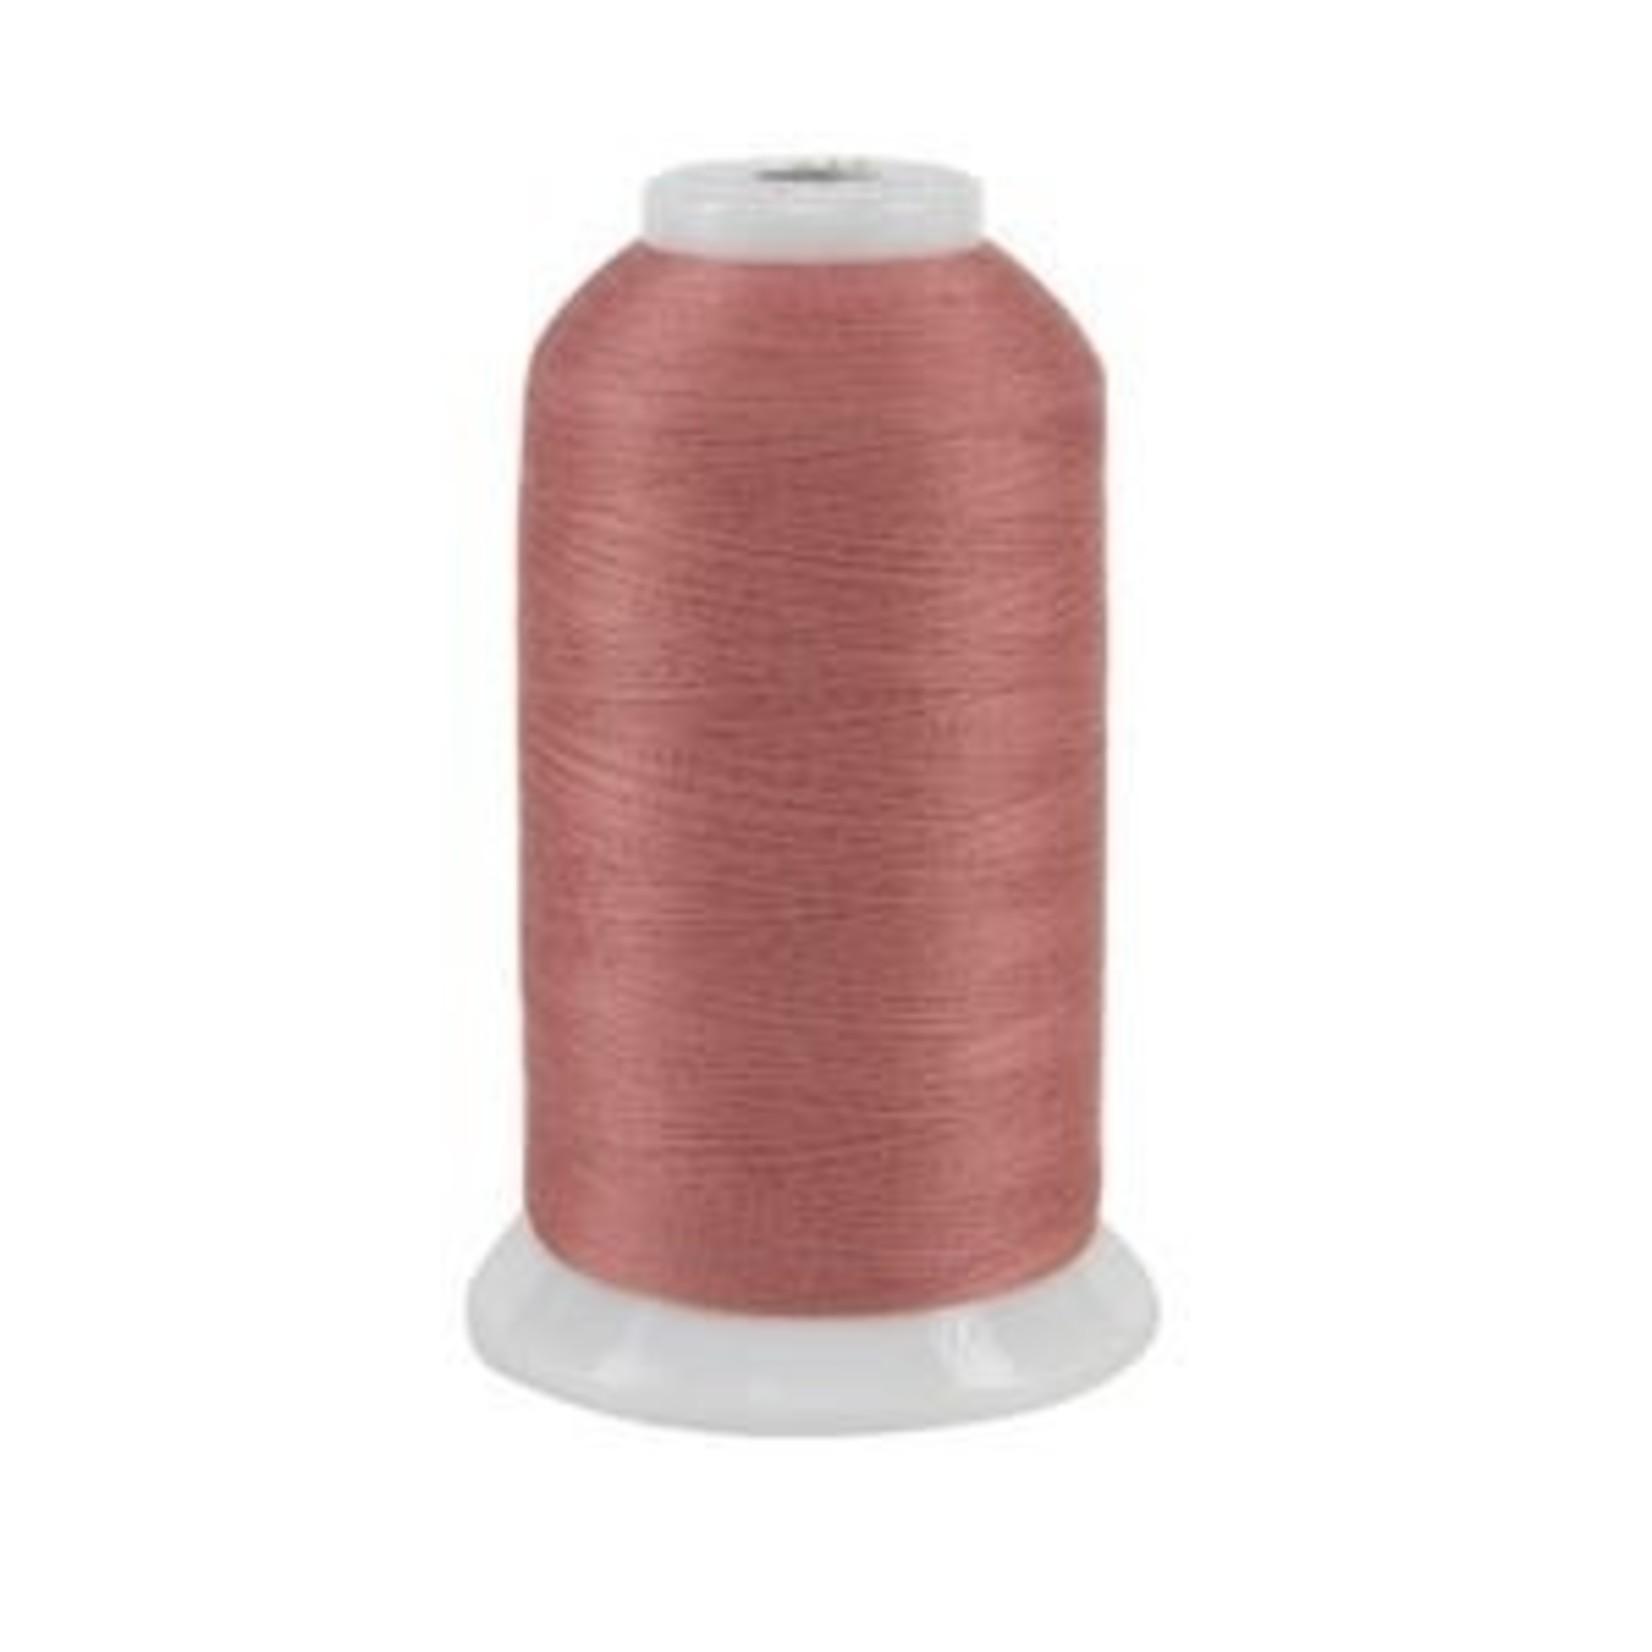 Superior Threads So Fine! 417 Antique Rose 3280